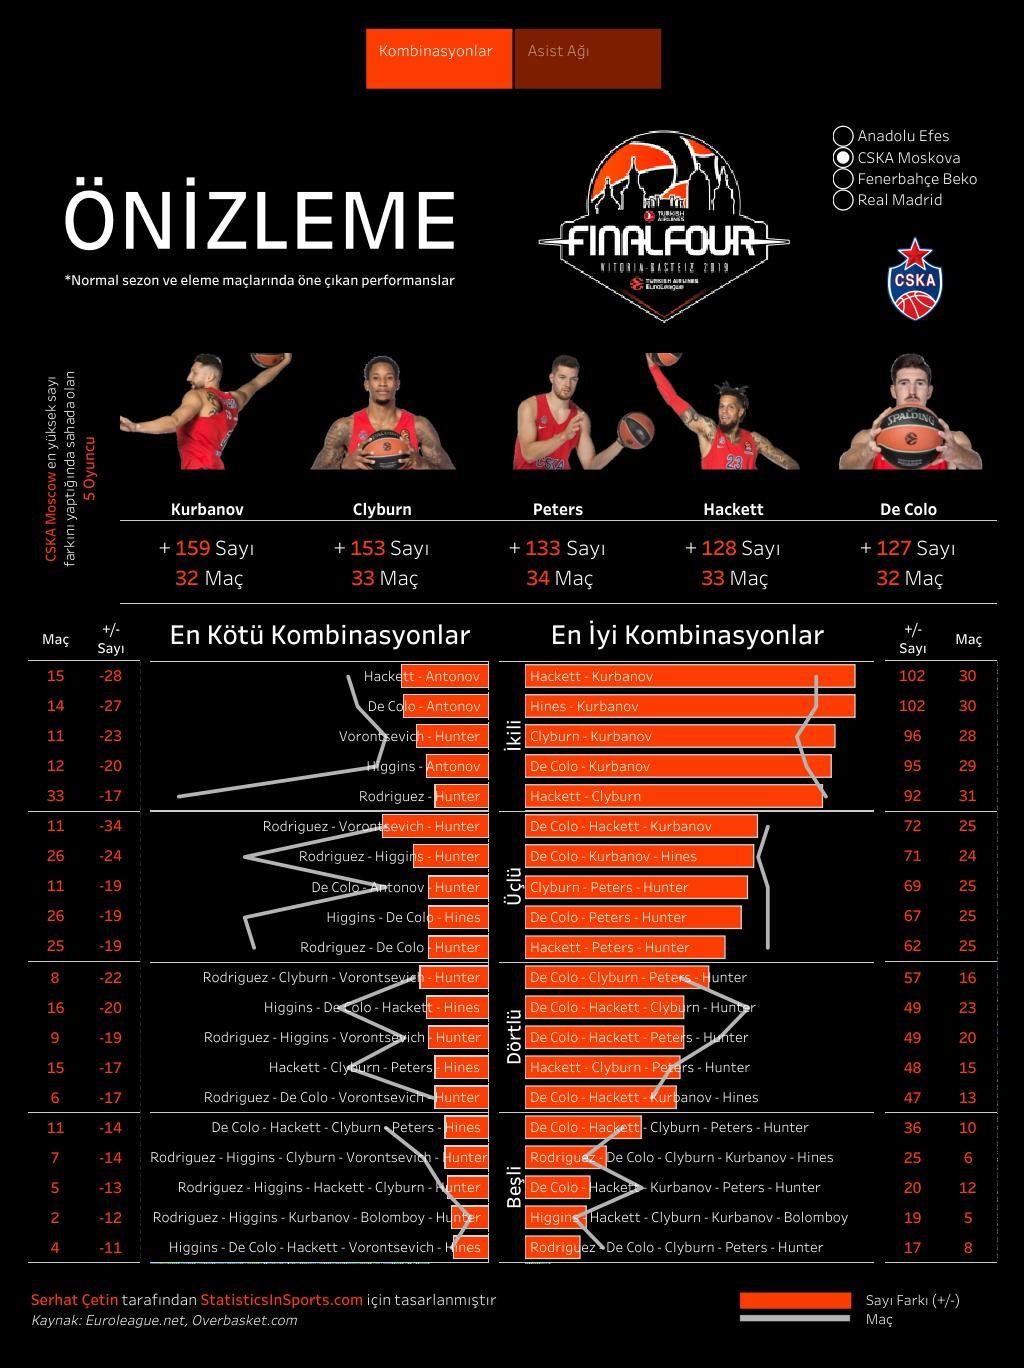 CSKA Moskova'nın EuroLeague oyuncu kombinasyonları (İstatistik ve Görsel: Serhat Çetin)